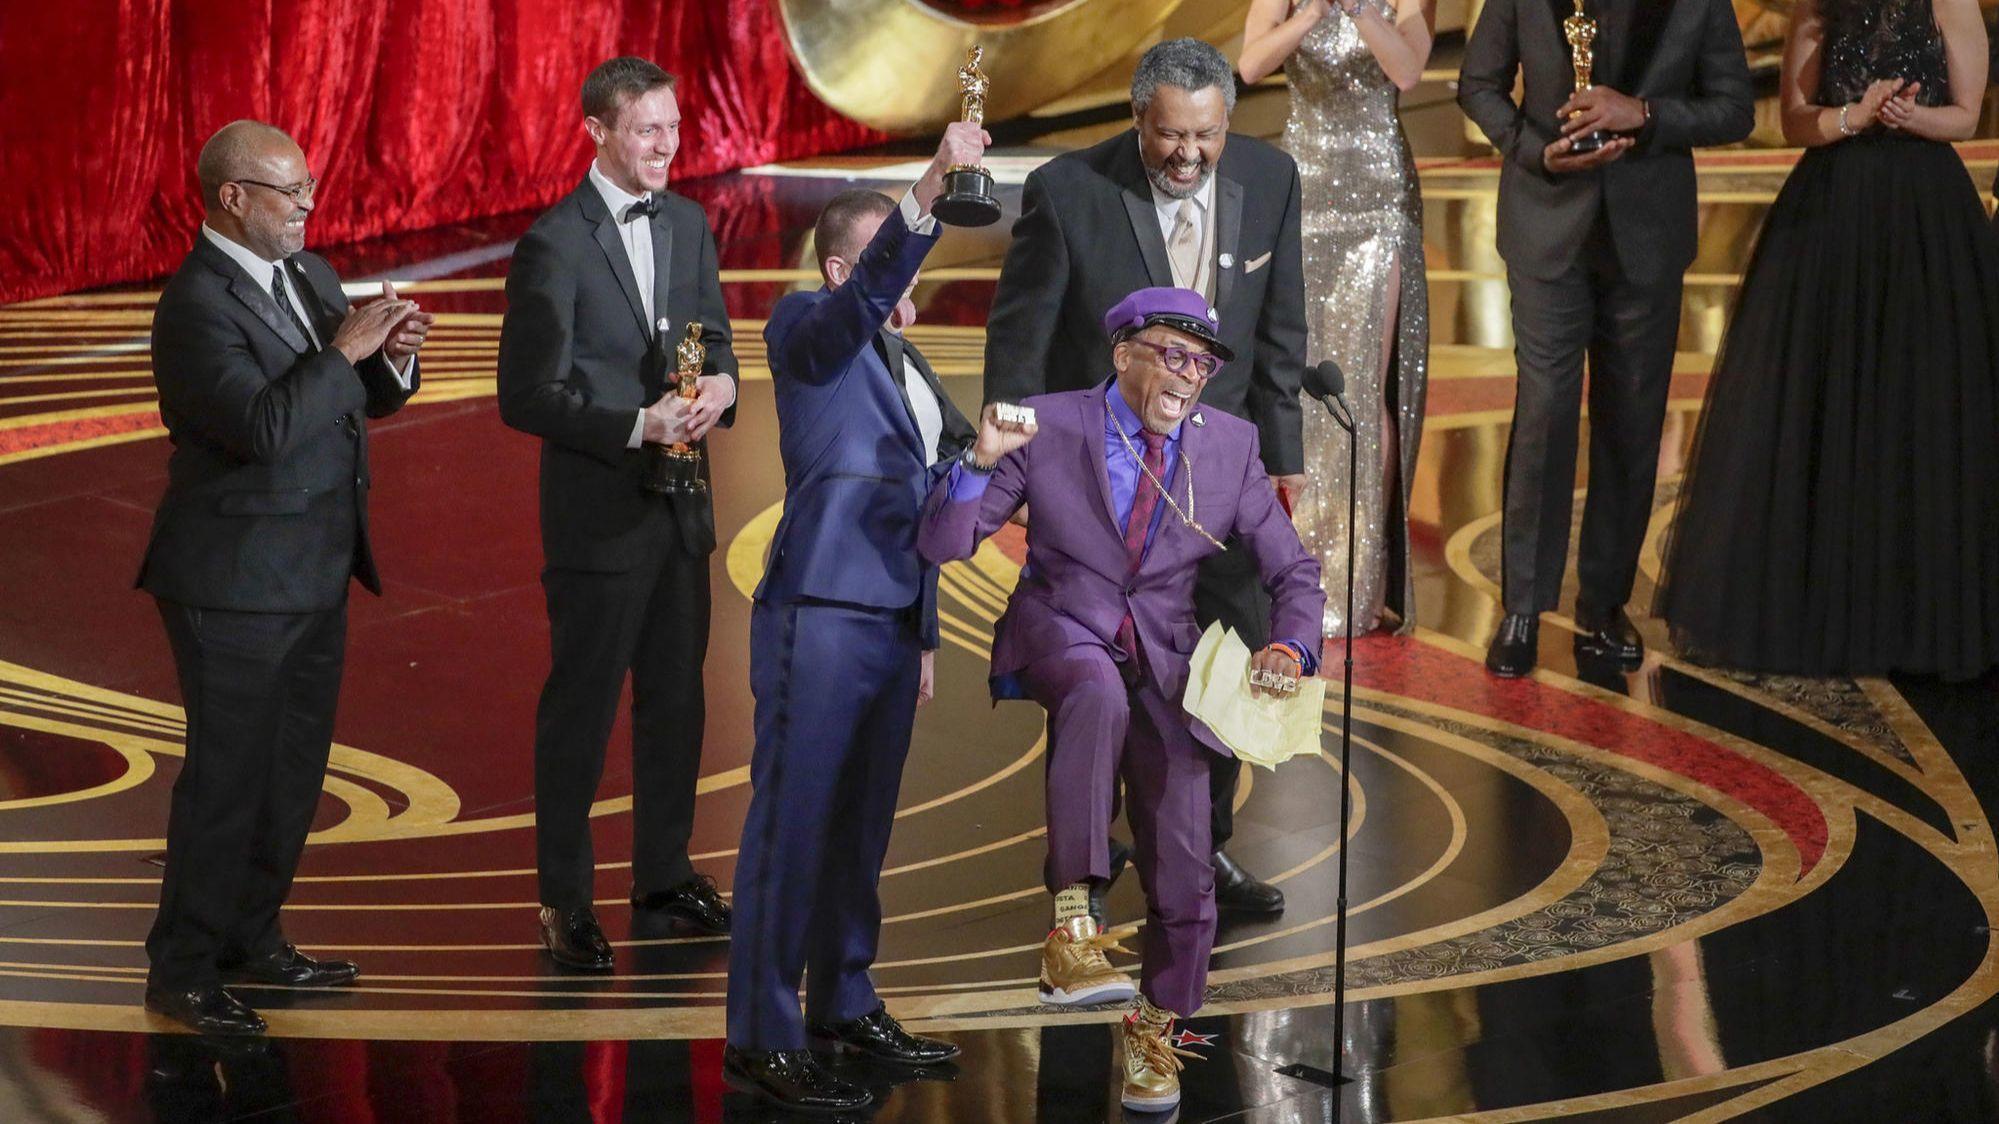 Oscars 2019: Full list of winners - Chicago Tribune